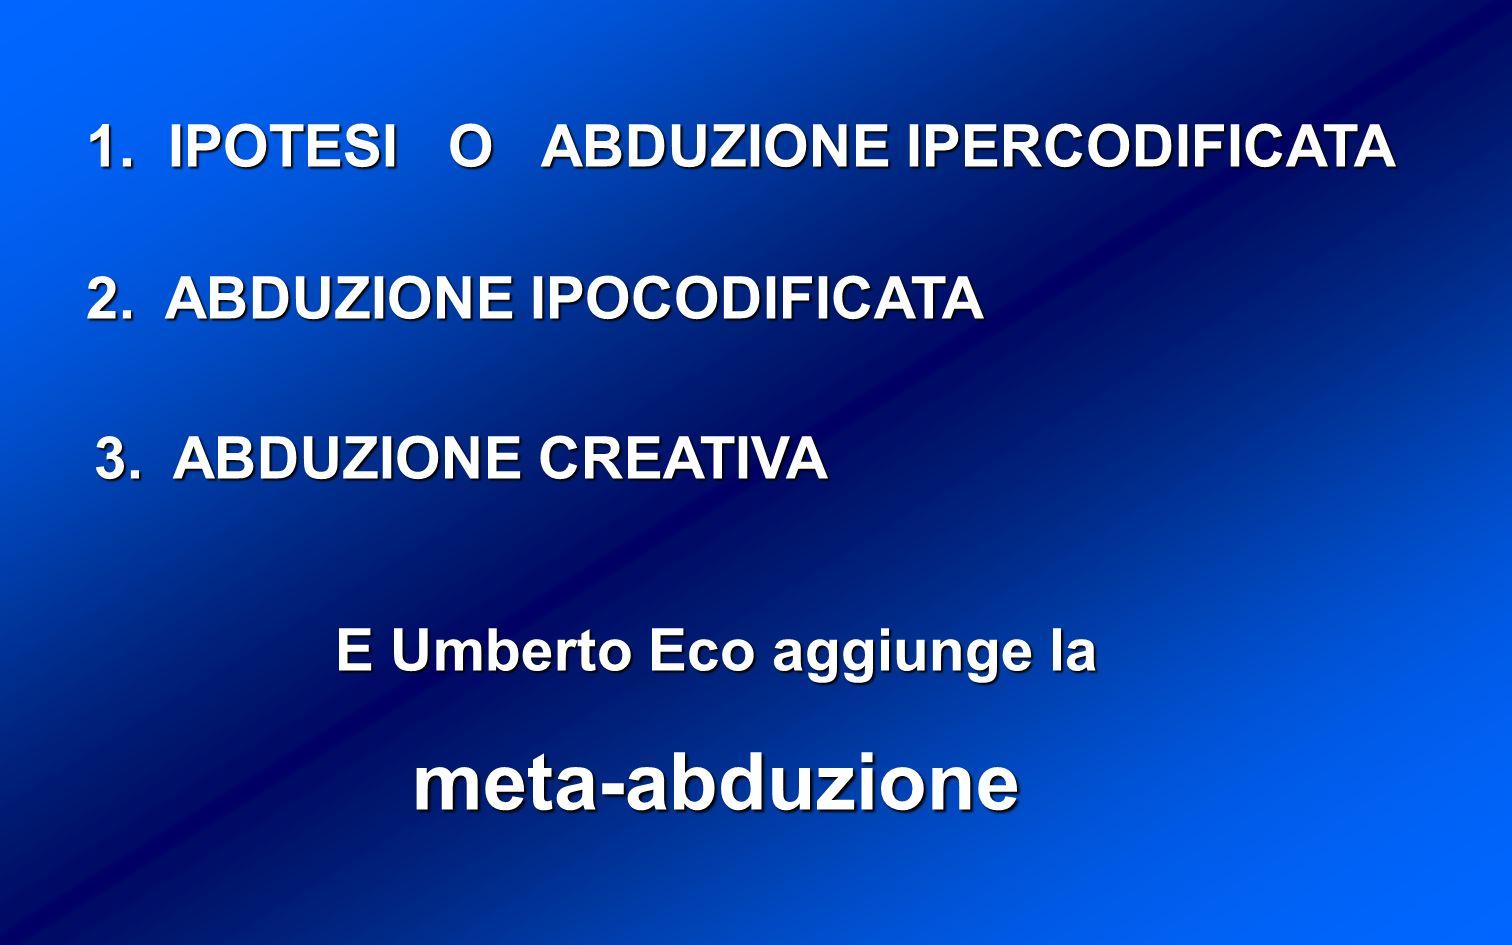 E Umberto Eco aggiunge la